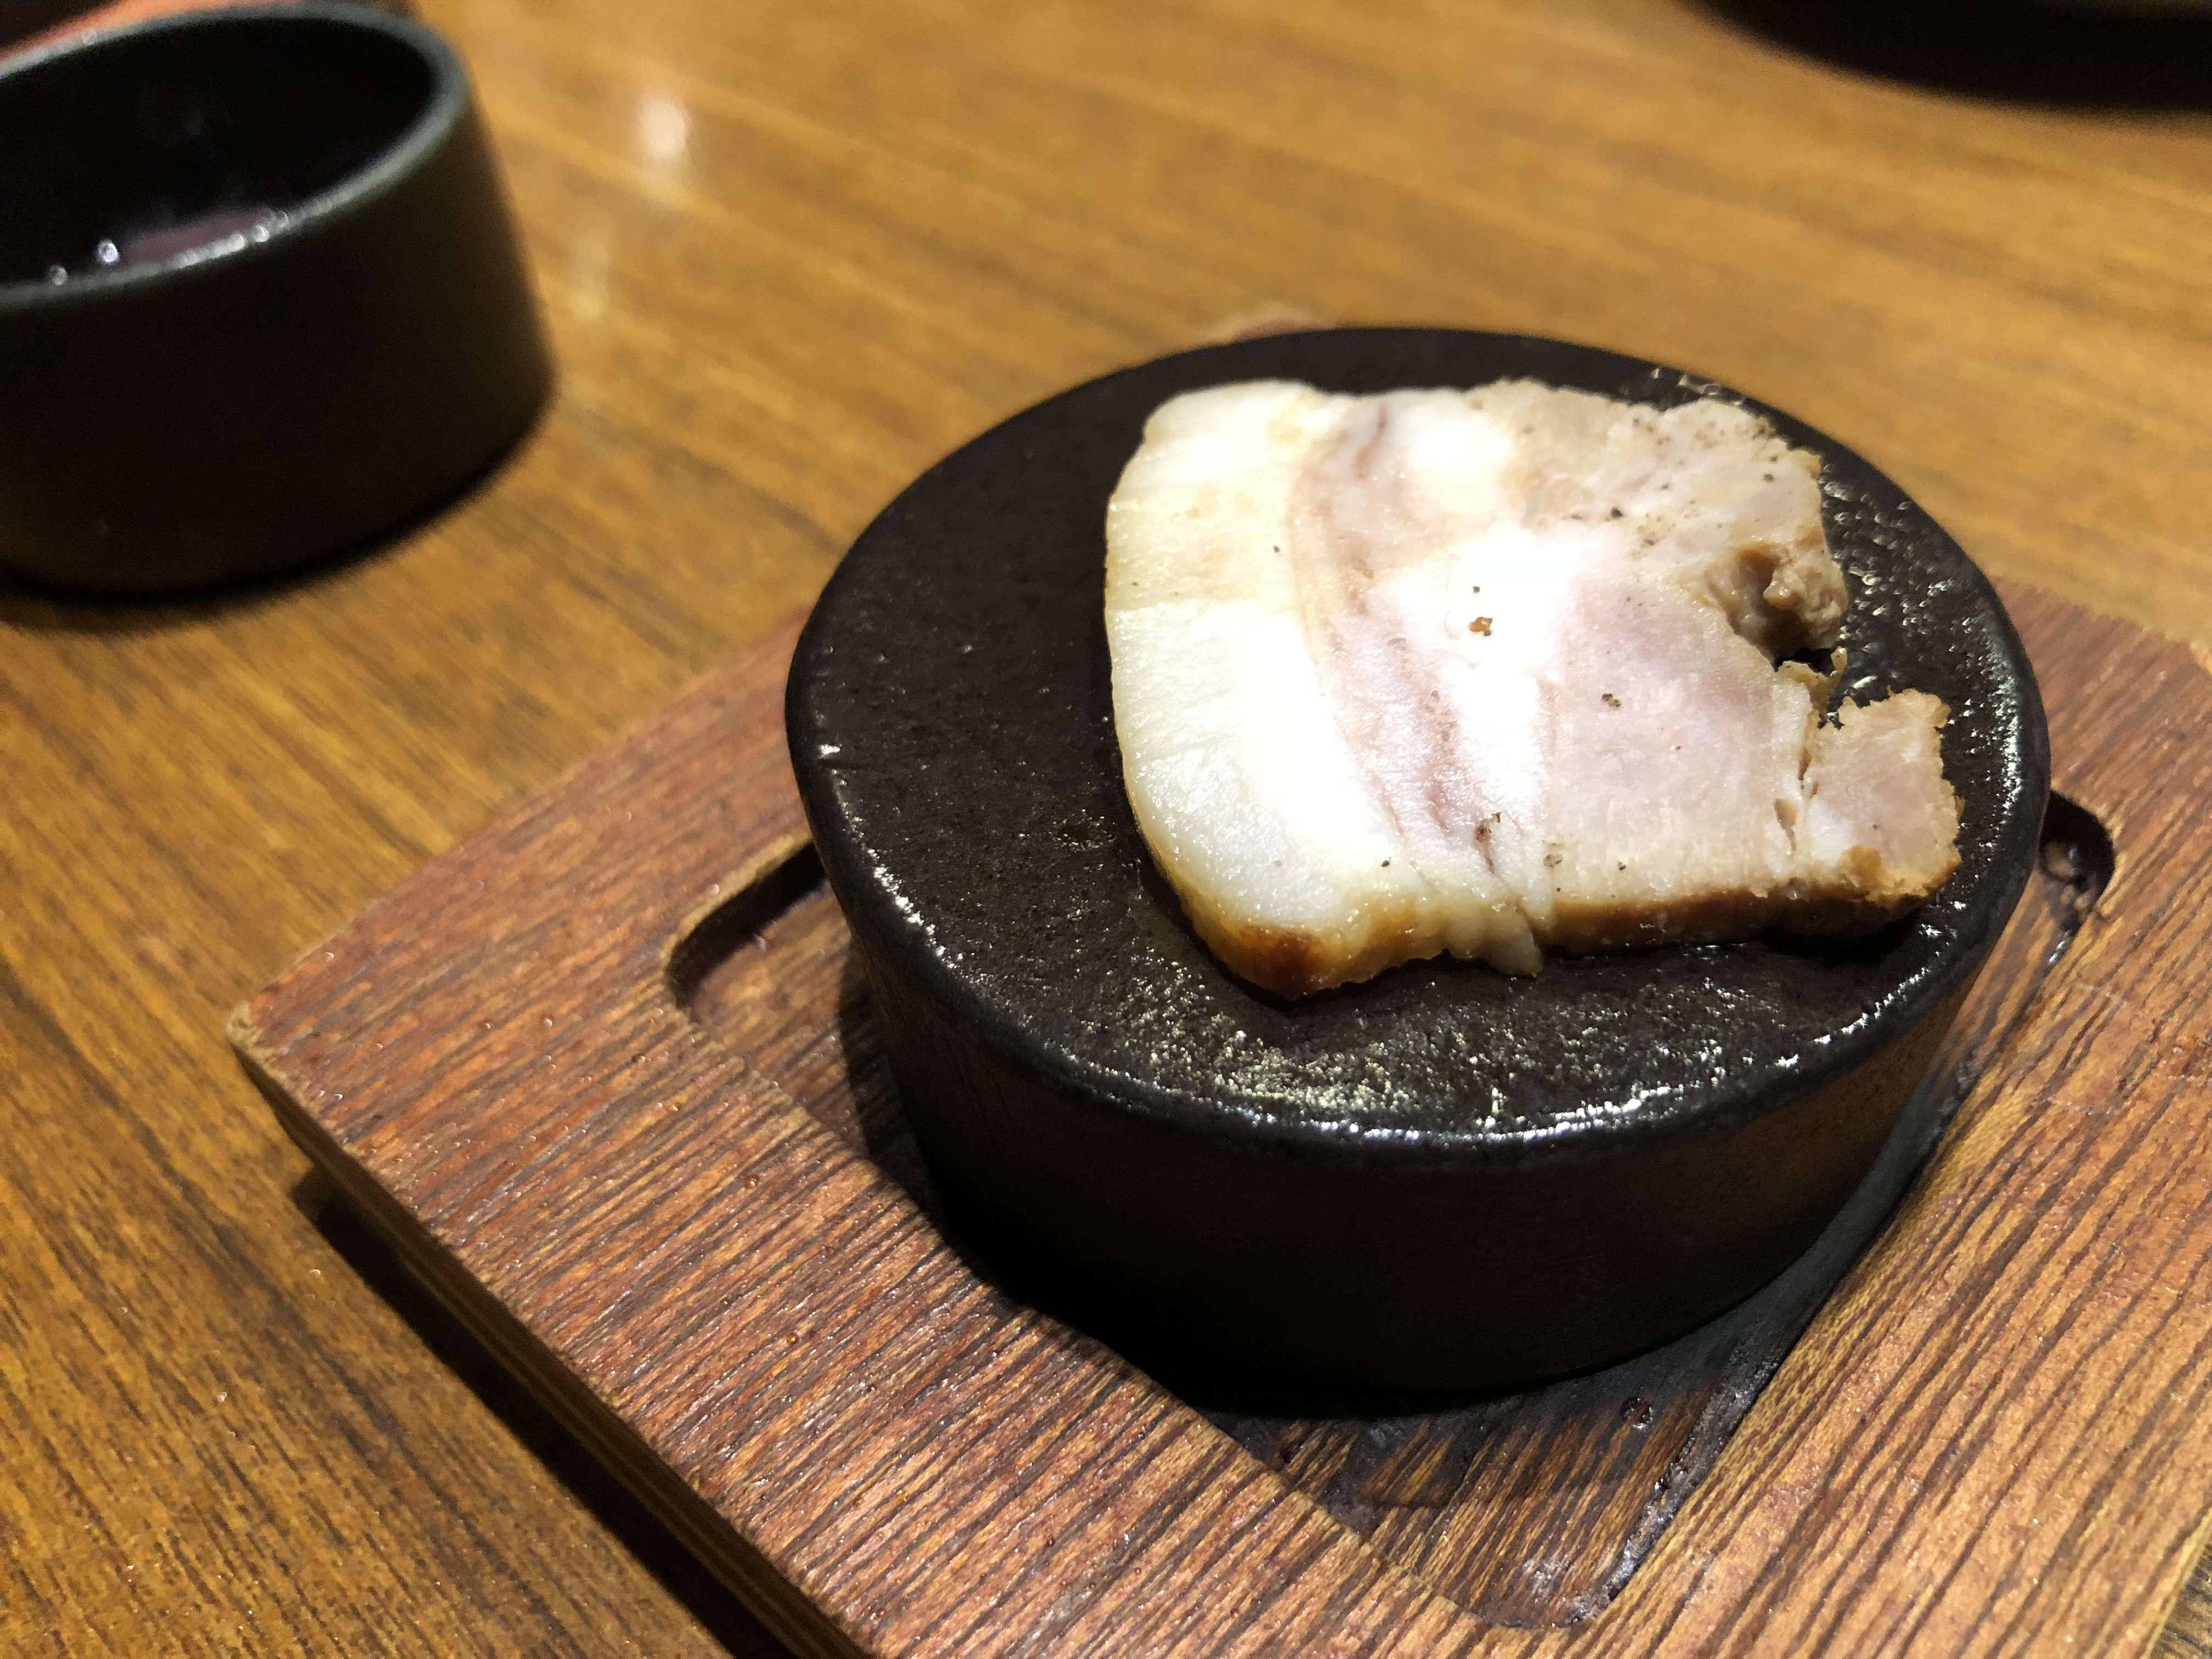 新栄鐵板堂 お好み焼き 名古屋 1番 鉄板焼き屋